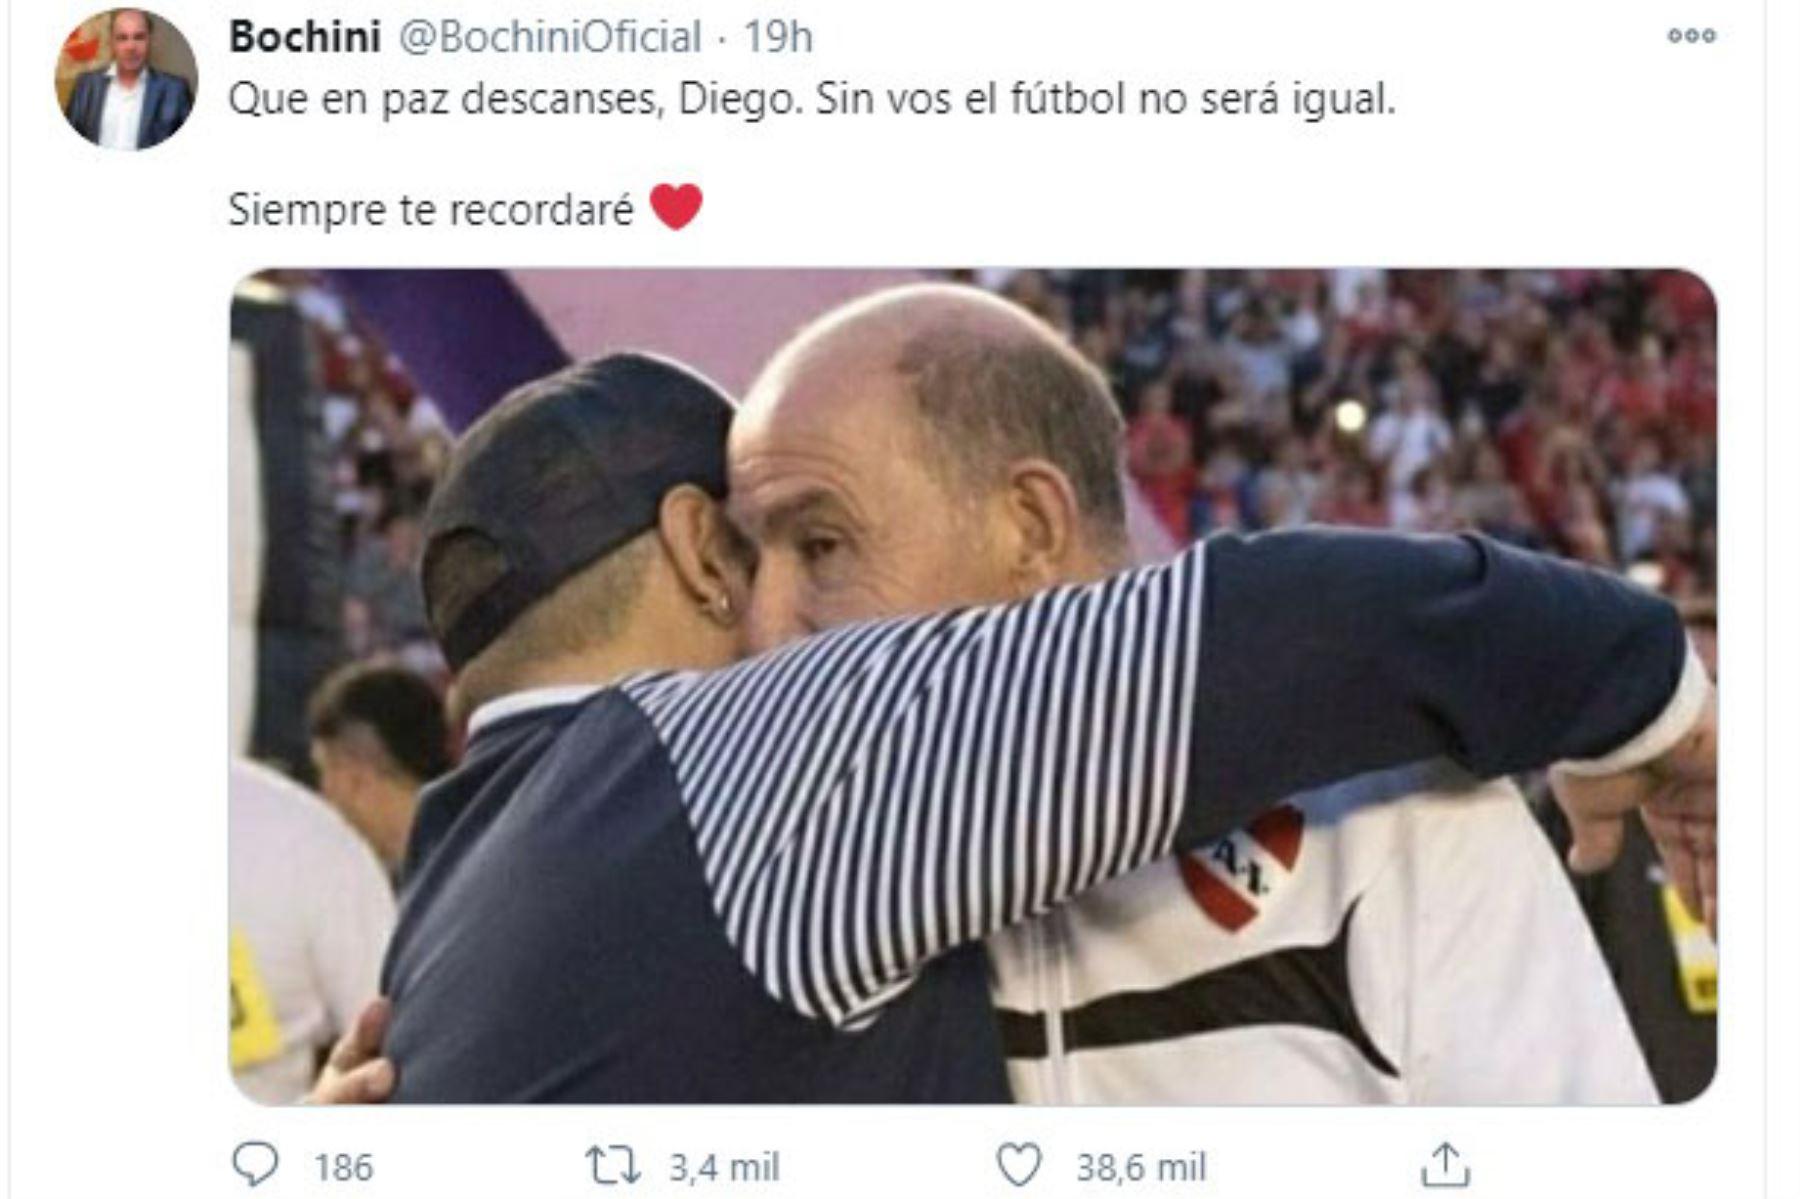 El ex futbolista Ricardo Enrique Bochini y compañero de Diego Armando Maradona en el Mundial de México 86 se despide en redes sociales del astro argentino. Foto: Twitter